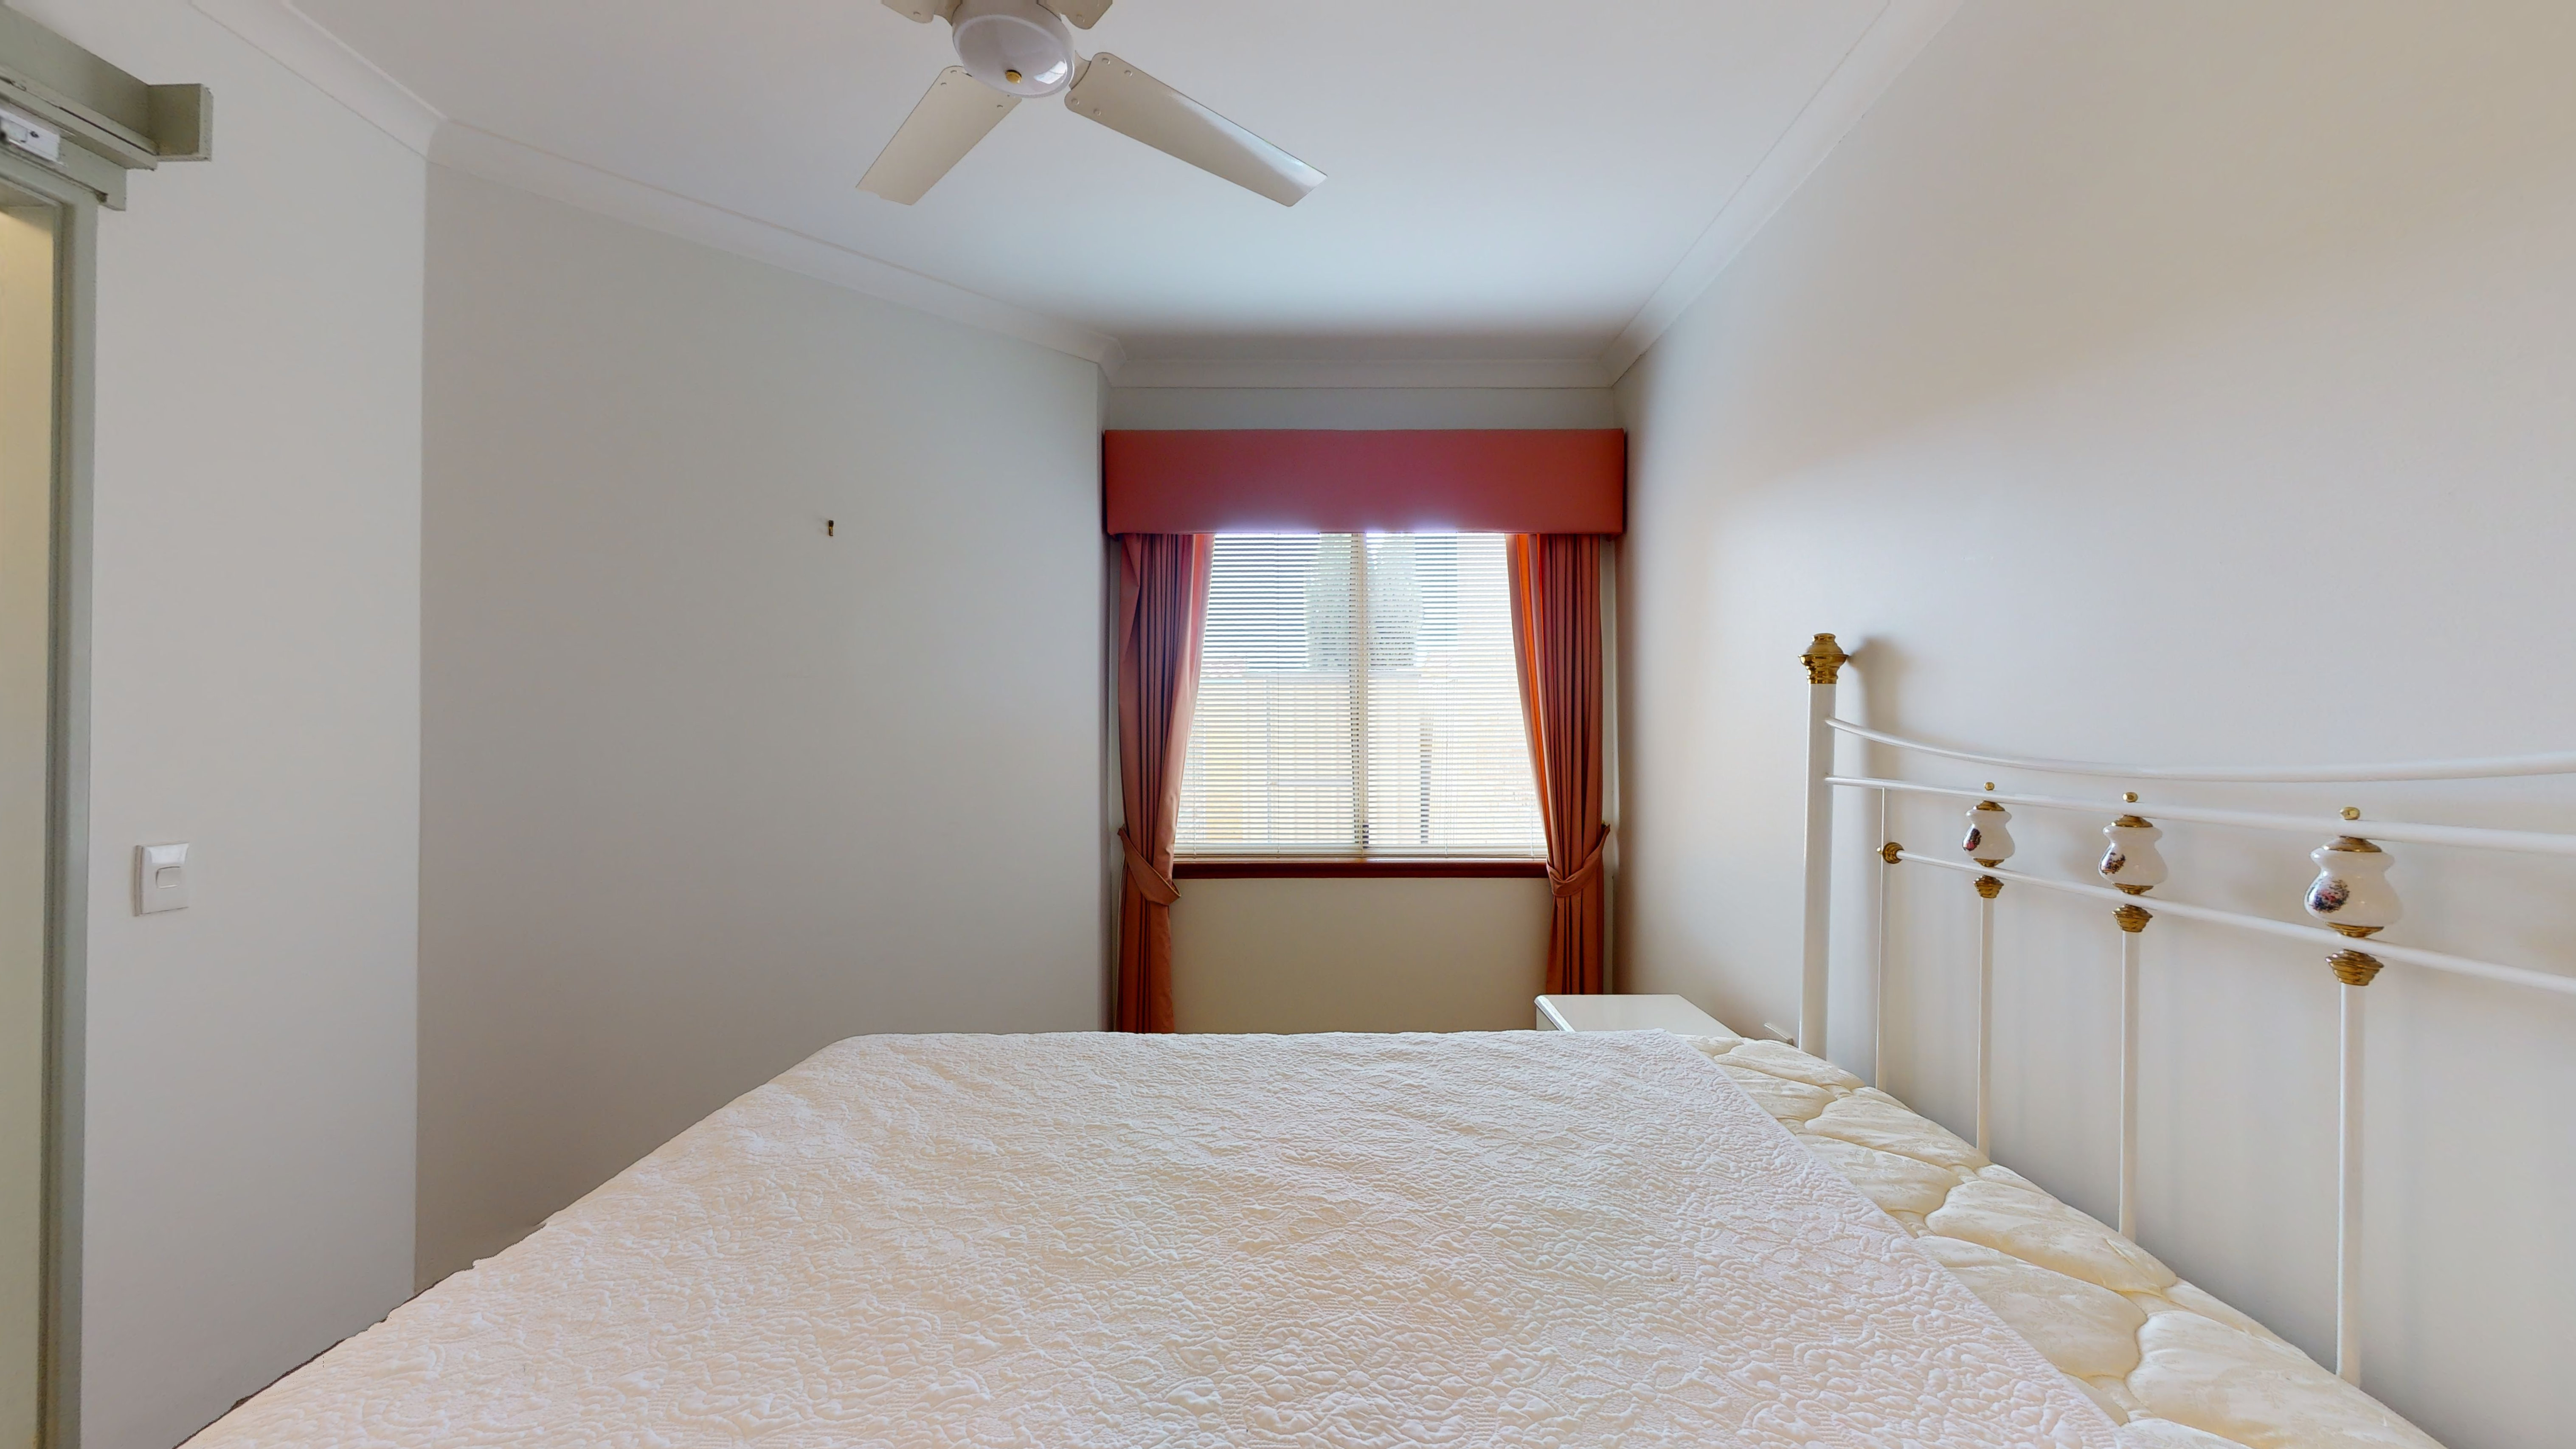 29959154 1622442301 29386 207 177 Dampier Avenue Kallaroo Main Bedroom1